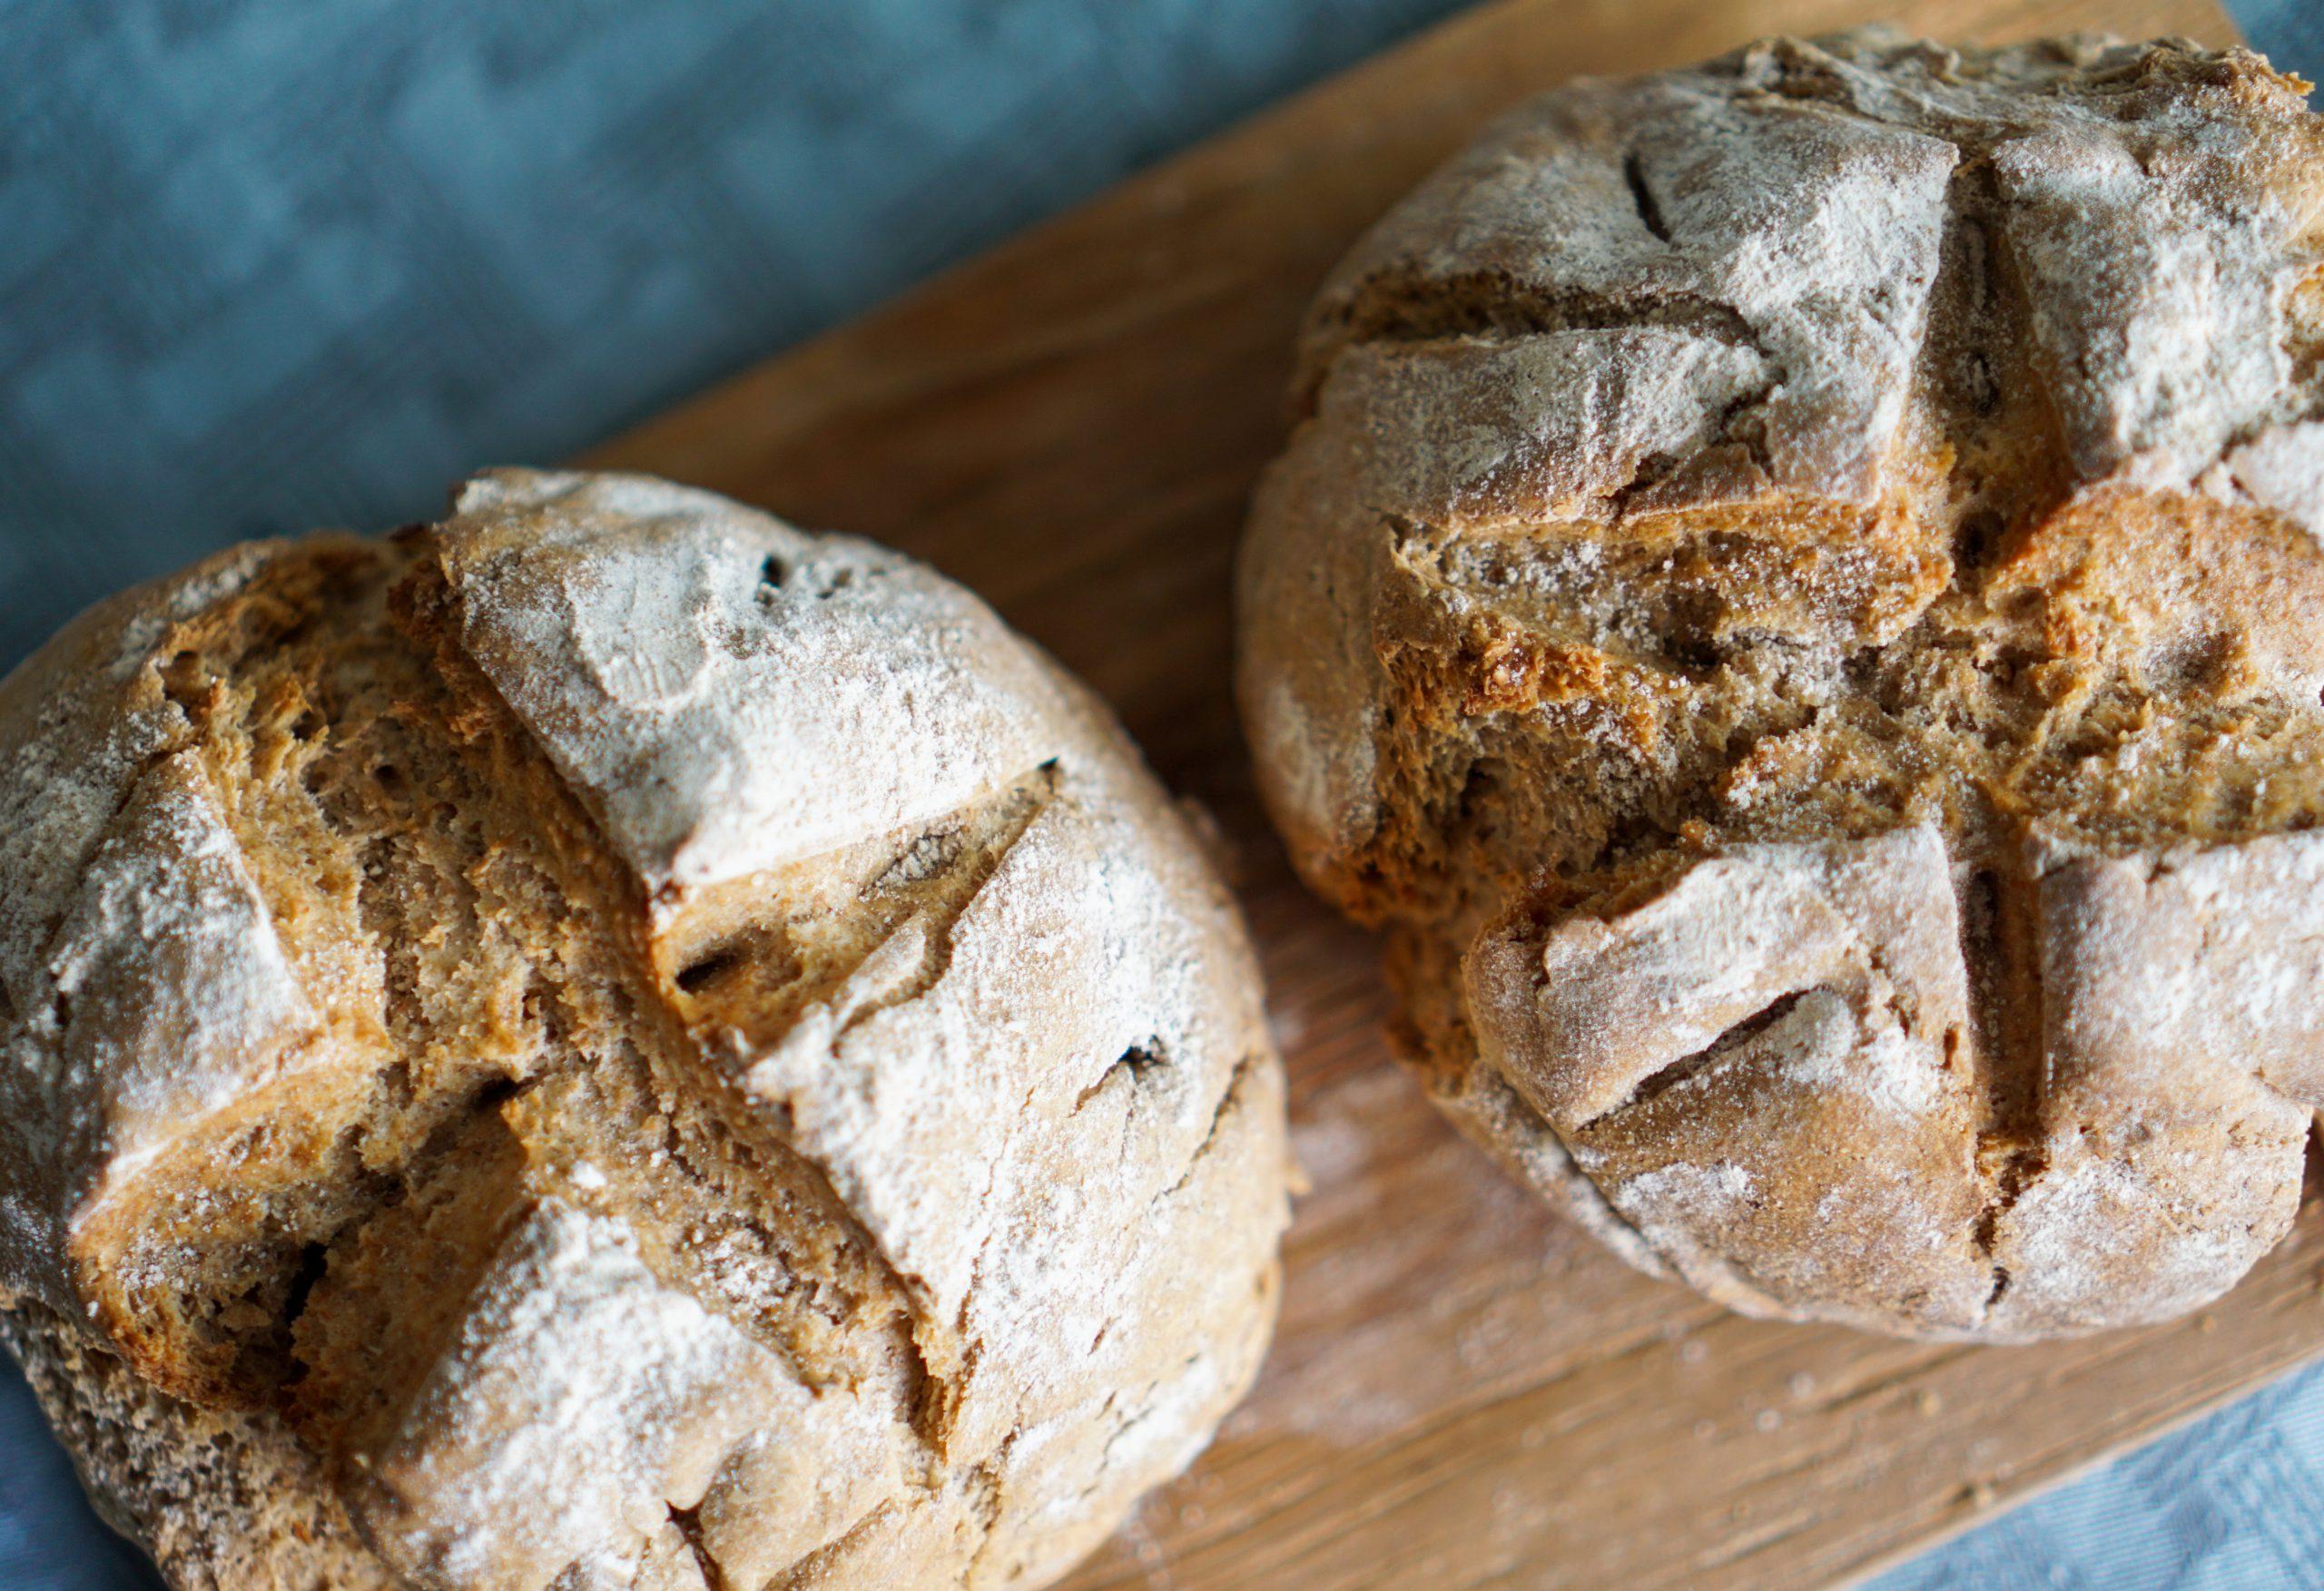 Pain à la farine d'épeautre recette maison rapide